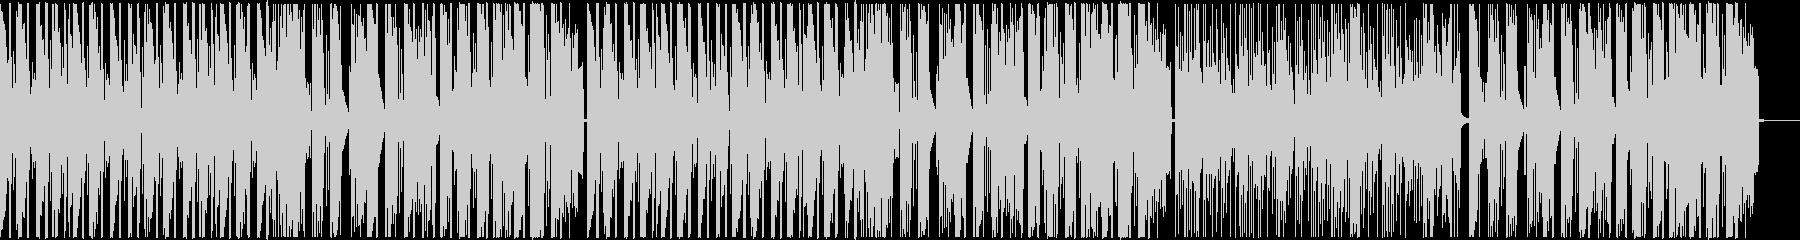 ポップで明るいフューチャーベース/声抜きの未再生の波形